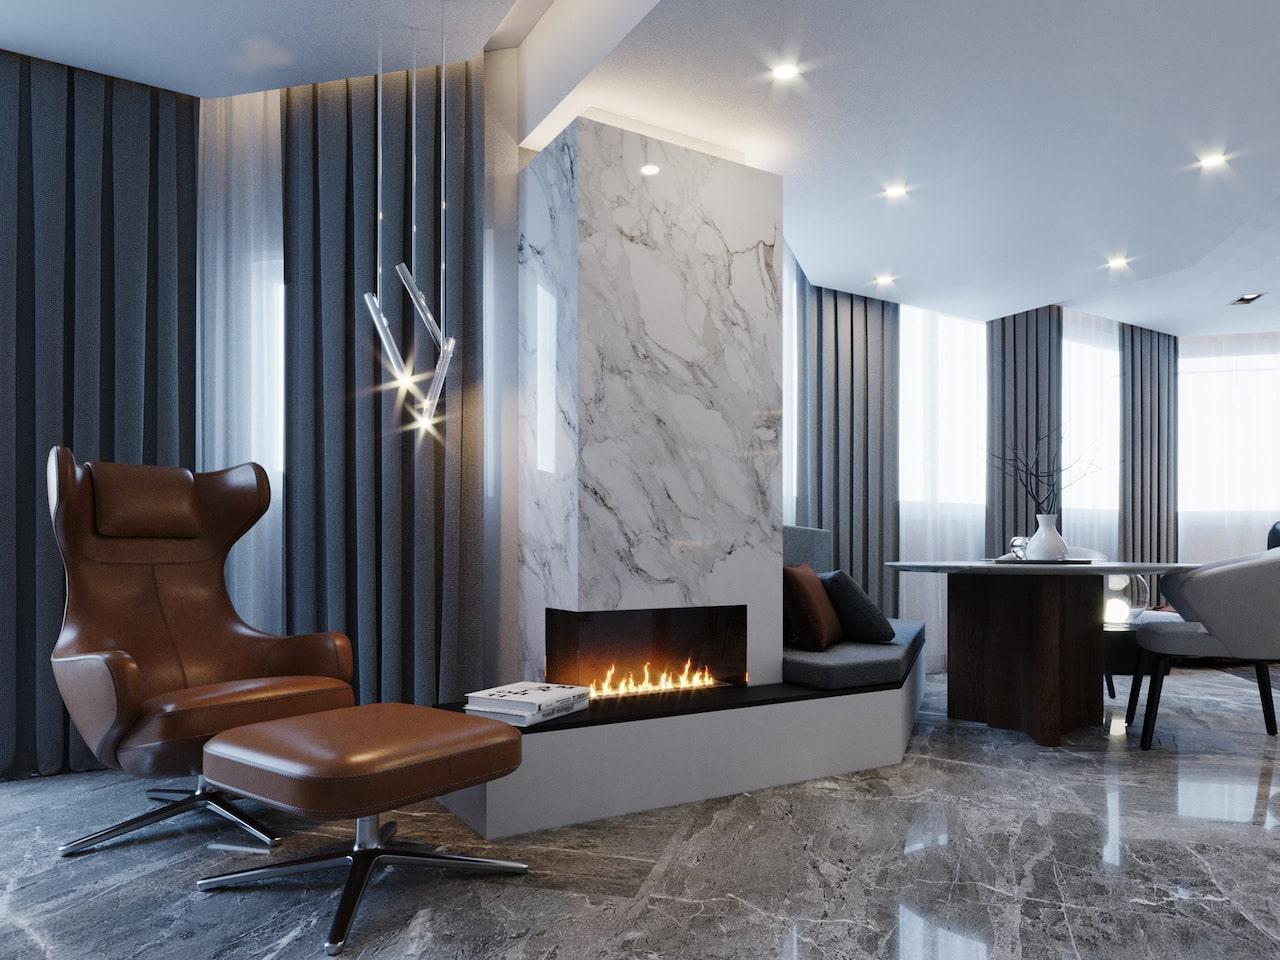 камин в интерьере гостиной фото 21